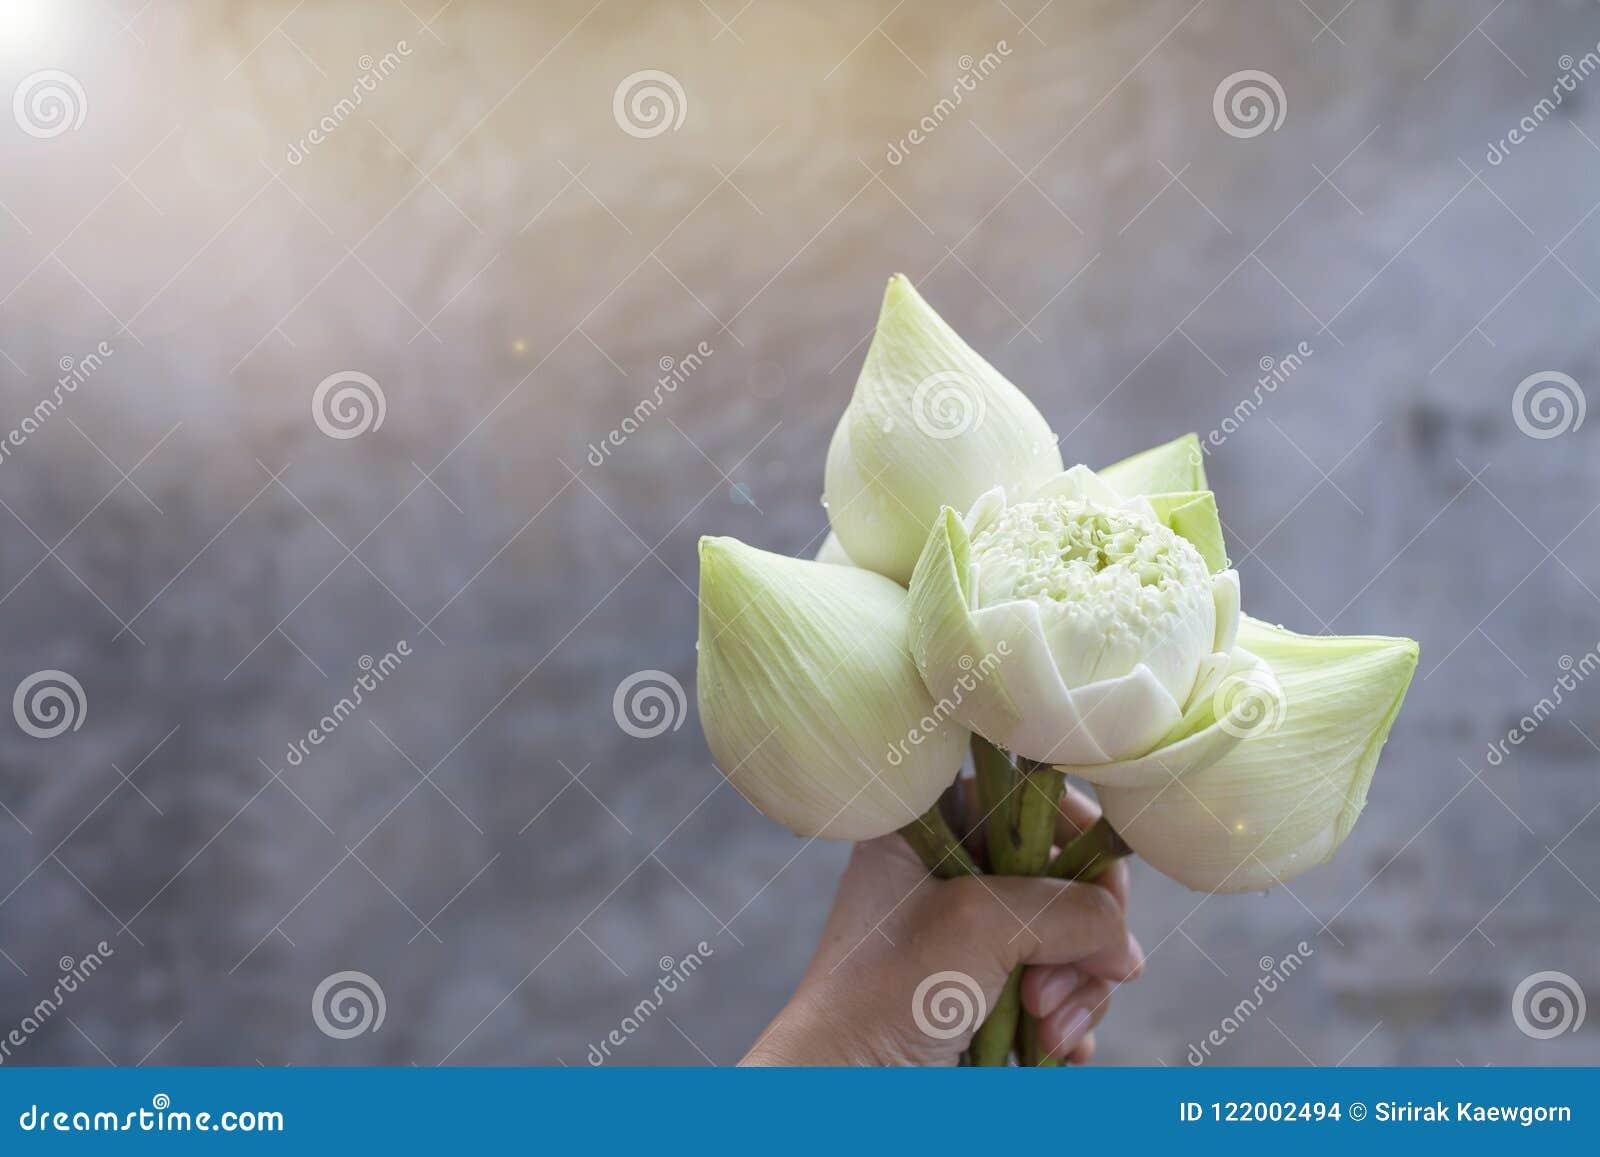 Fresh beautiful white lotus flower in girl hand with vintage warm fresh beautiful white lotus flower in girl hand with vintage warm light over blurred grey background izmirmasajfo